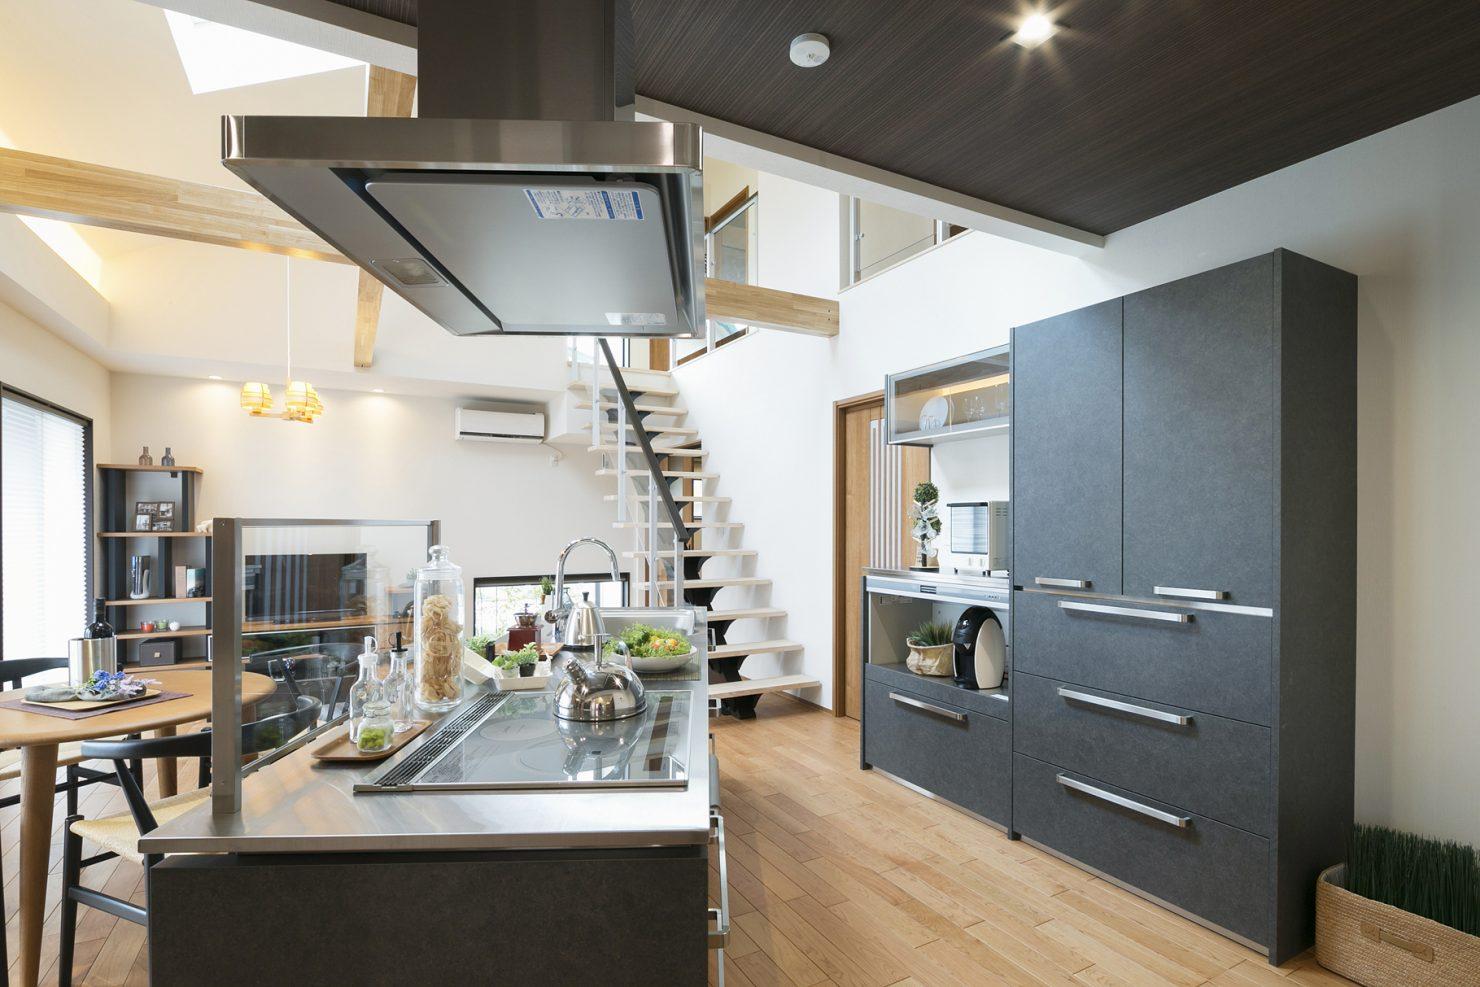 ハウスM21「豊かさと快適さの追求」キッチン写真